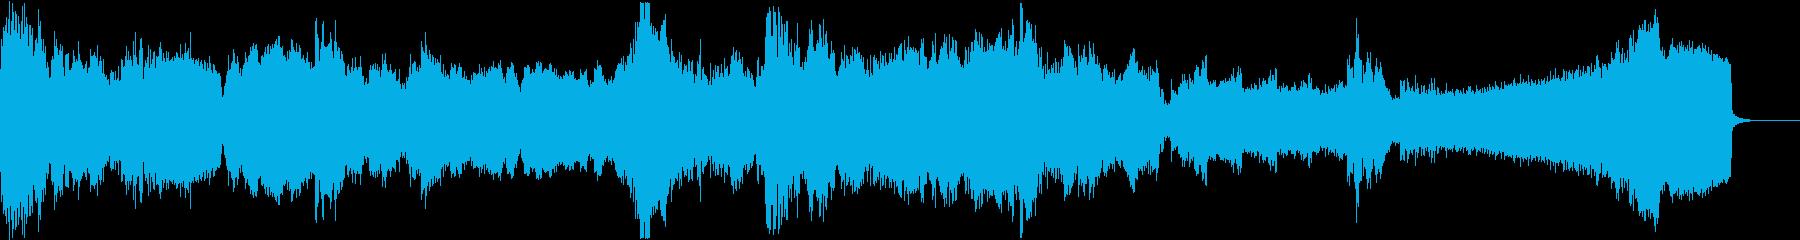 【ダークアンビエント】 悪夢の目覚めの再生済みの波形